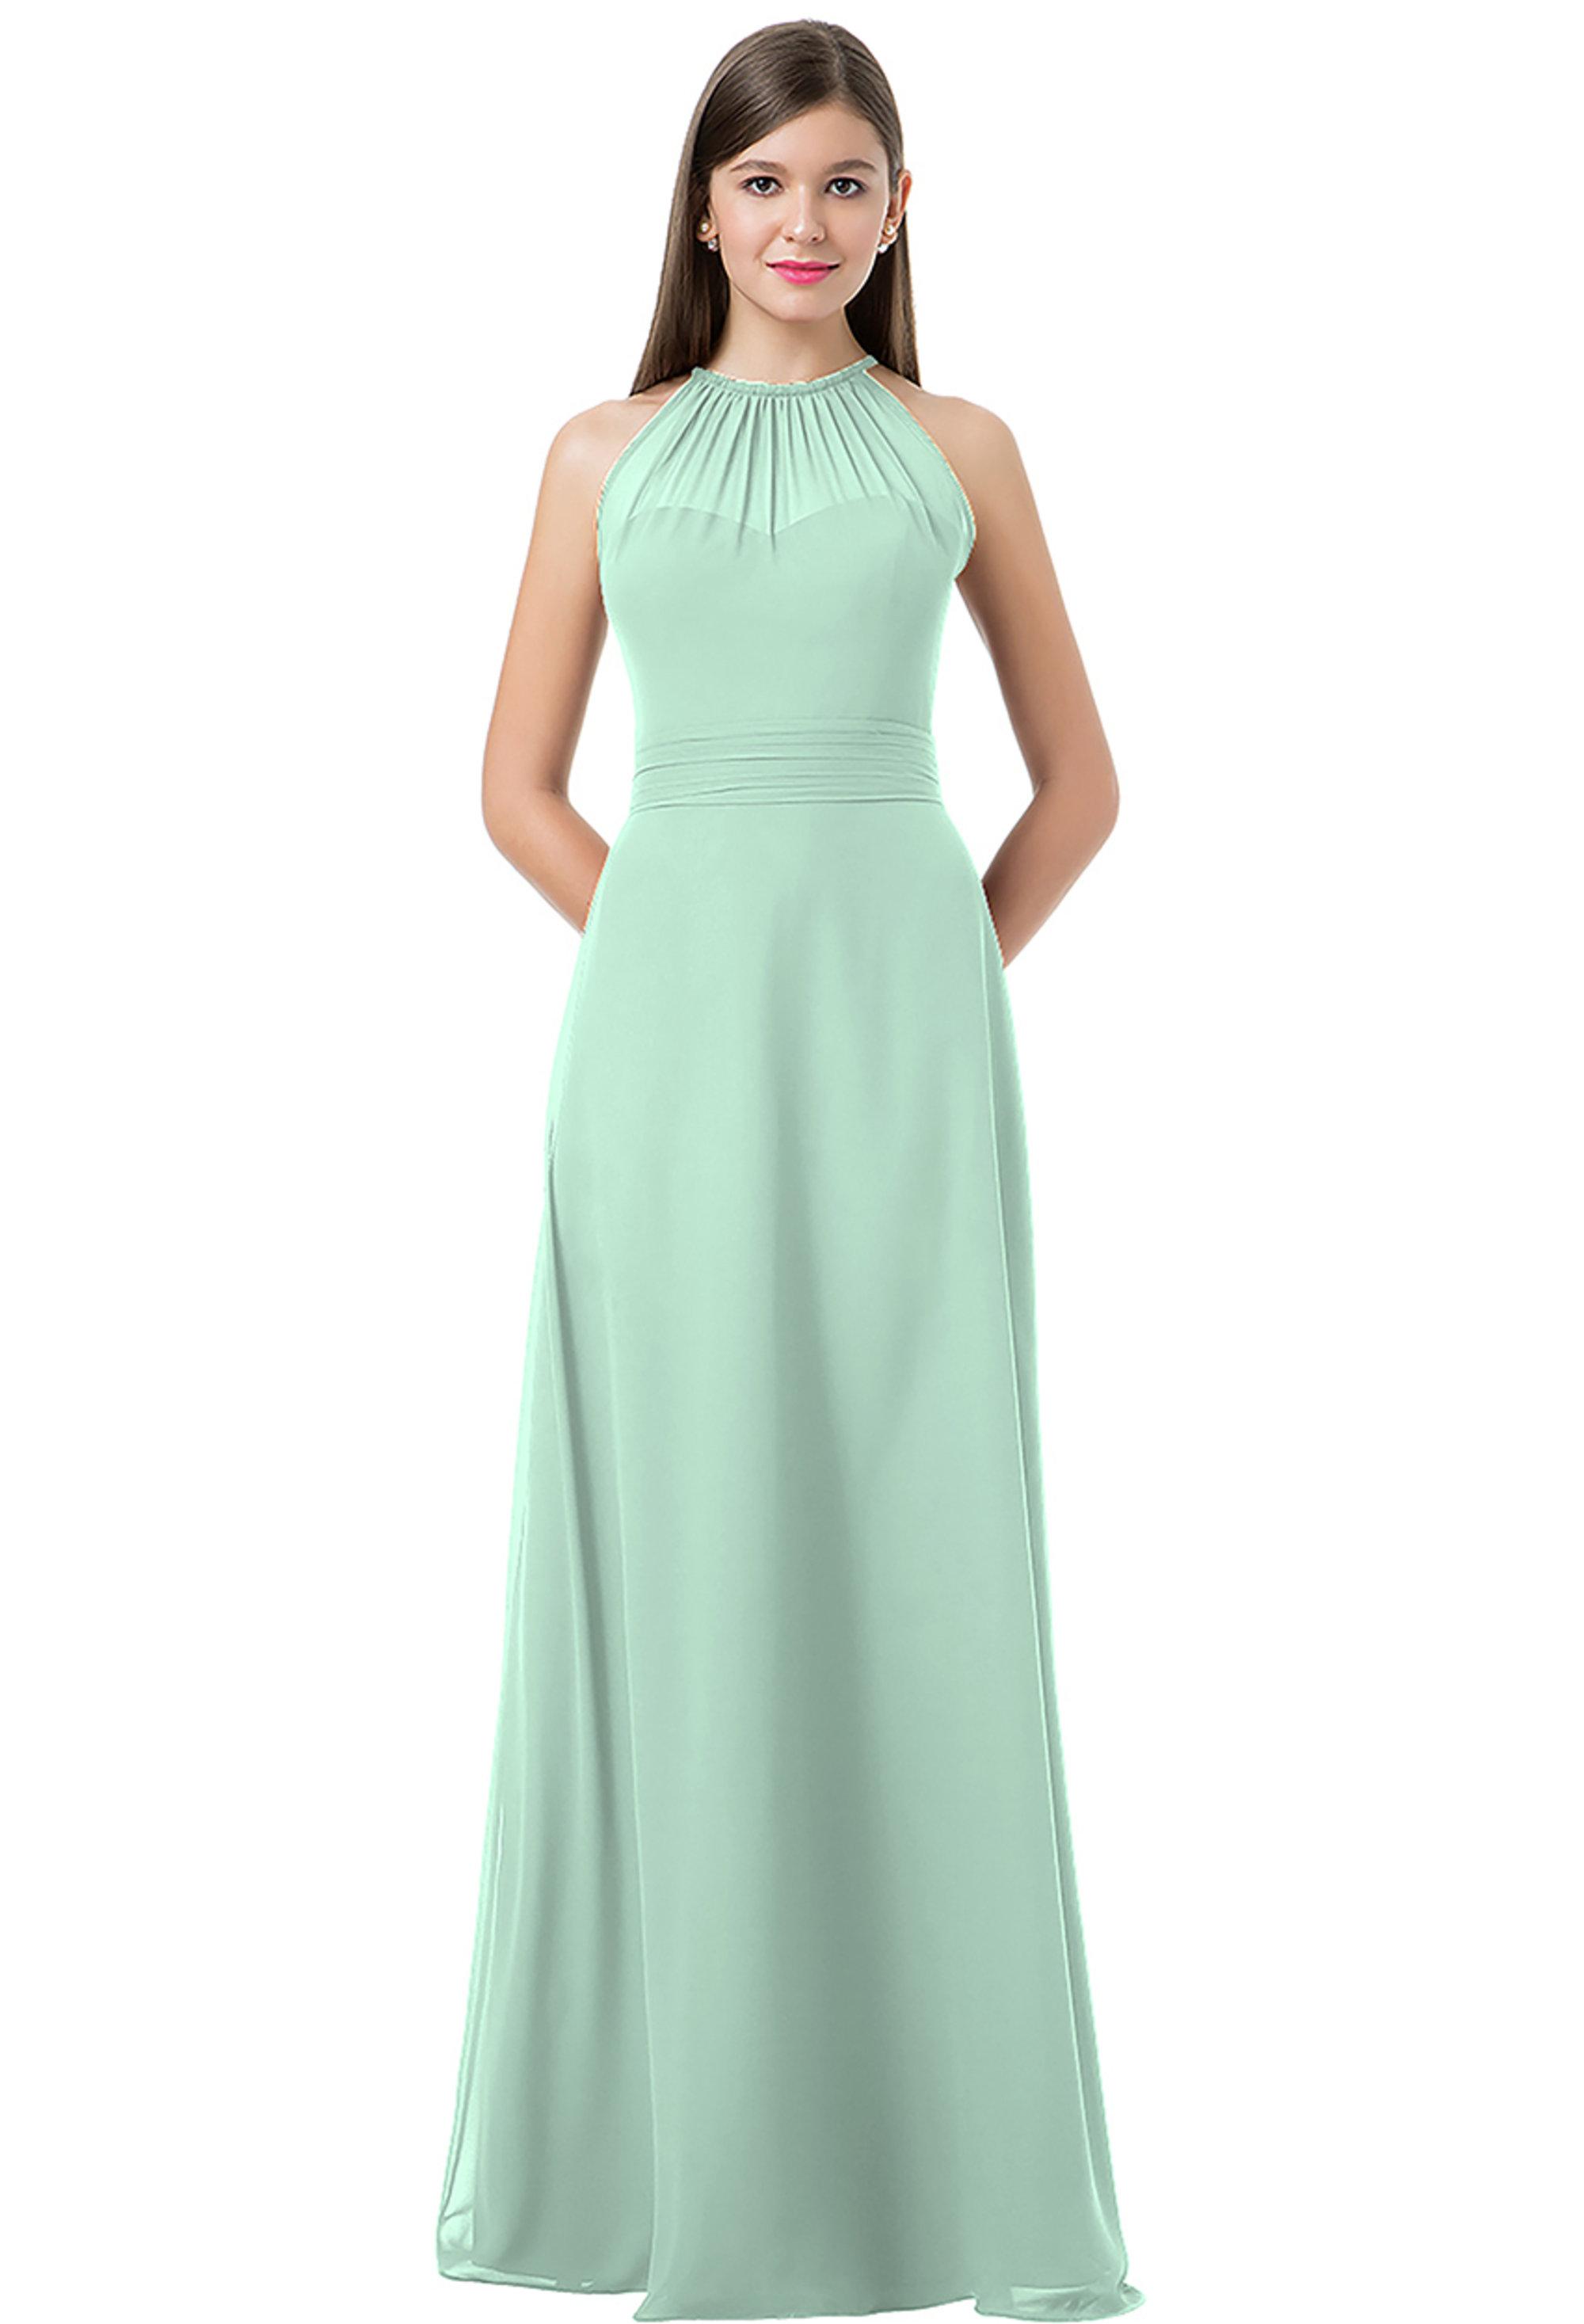 Bill Levkoff MINT Chiffon Spaghetti Tie A-line gown, $220.00 Front